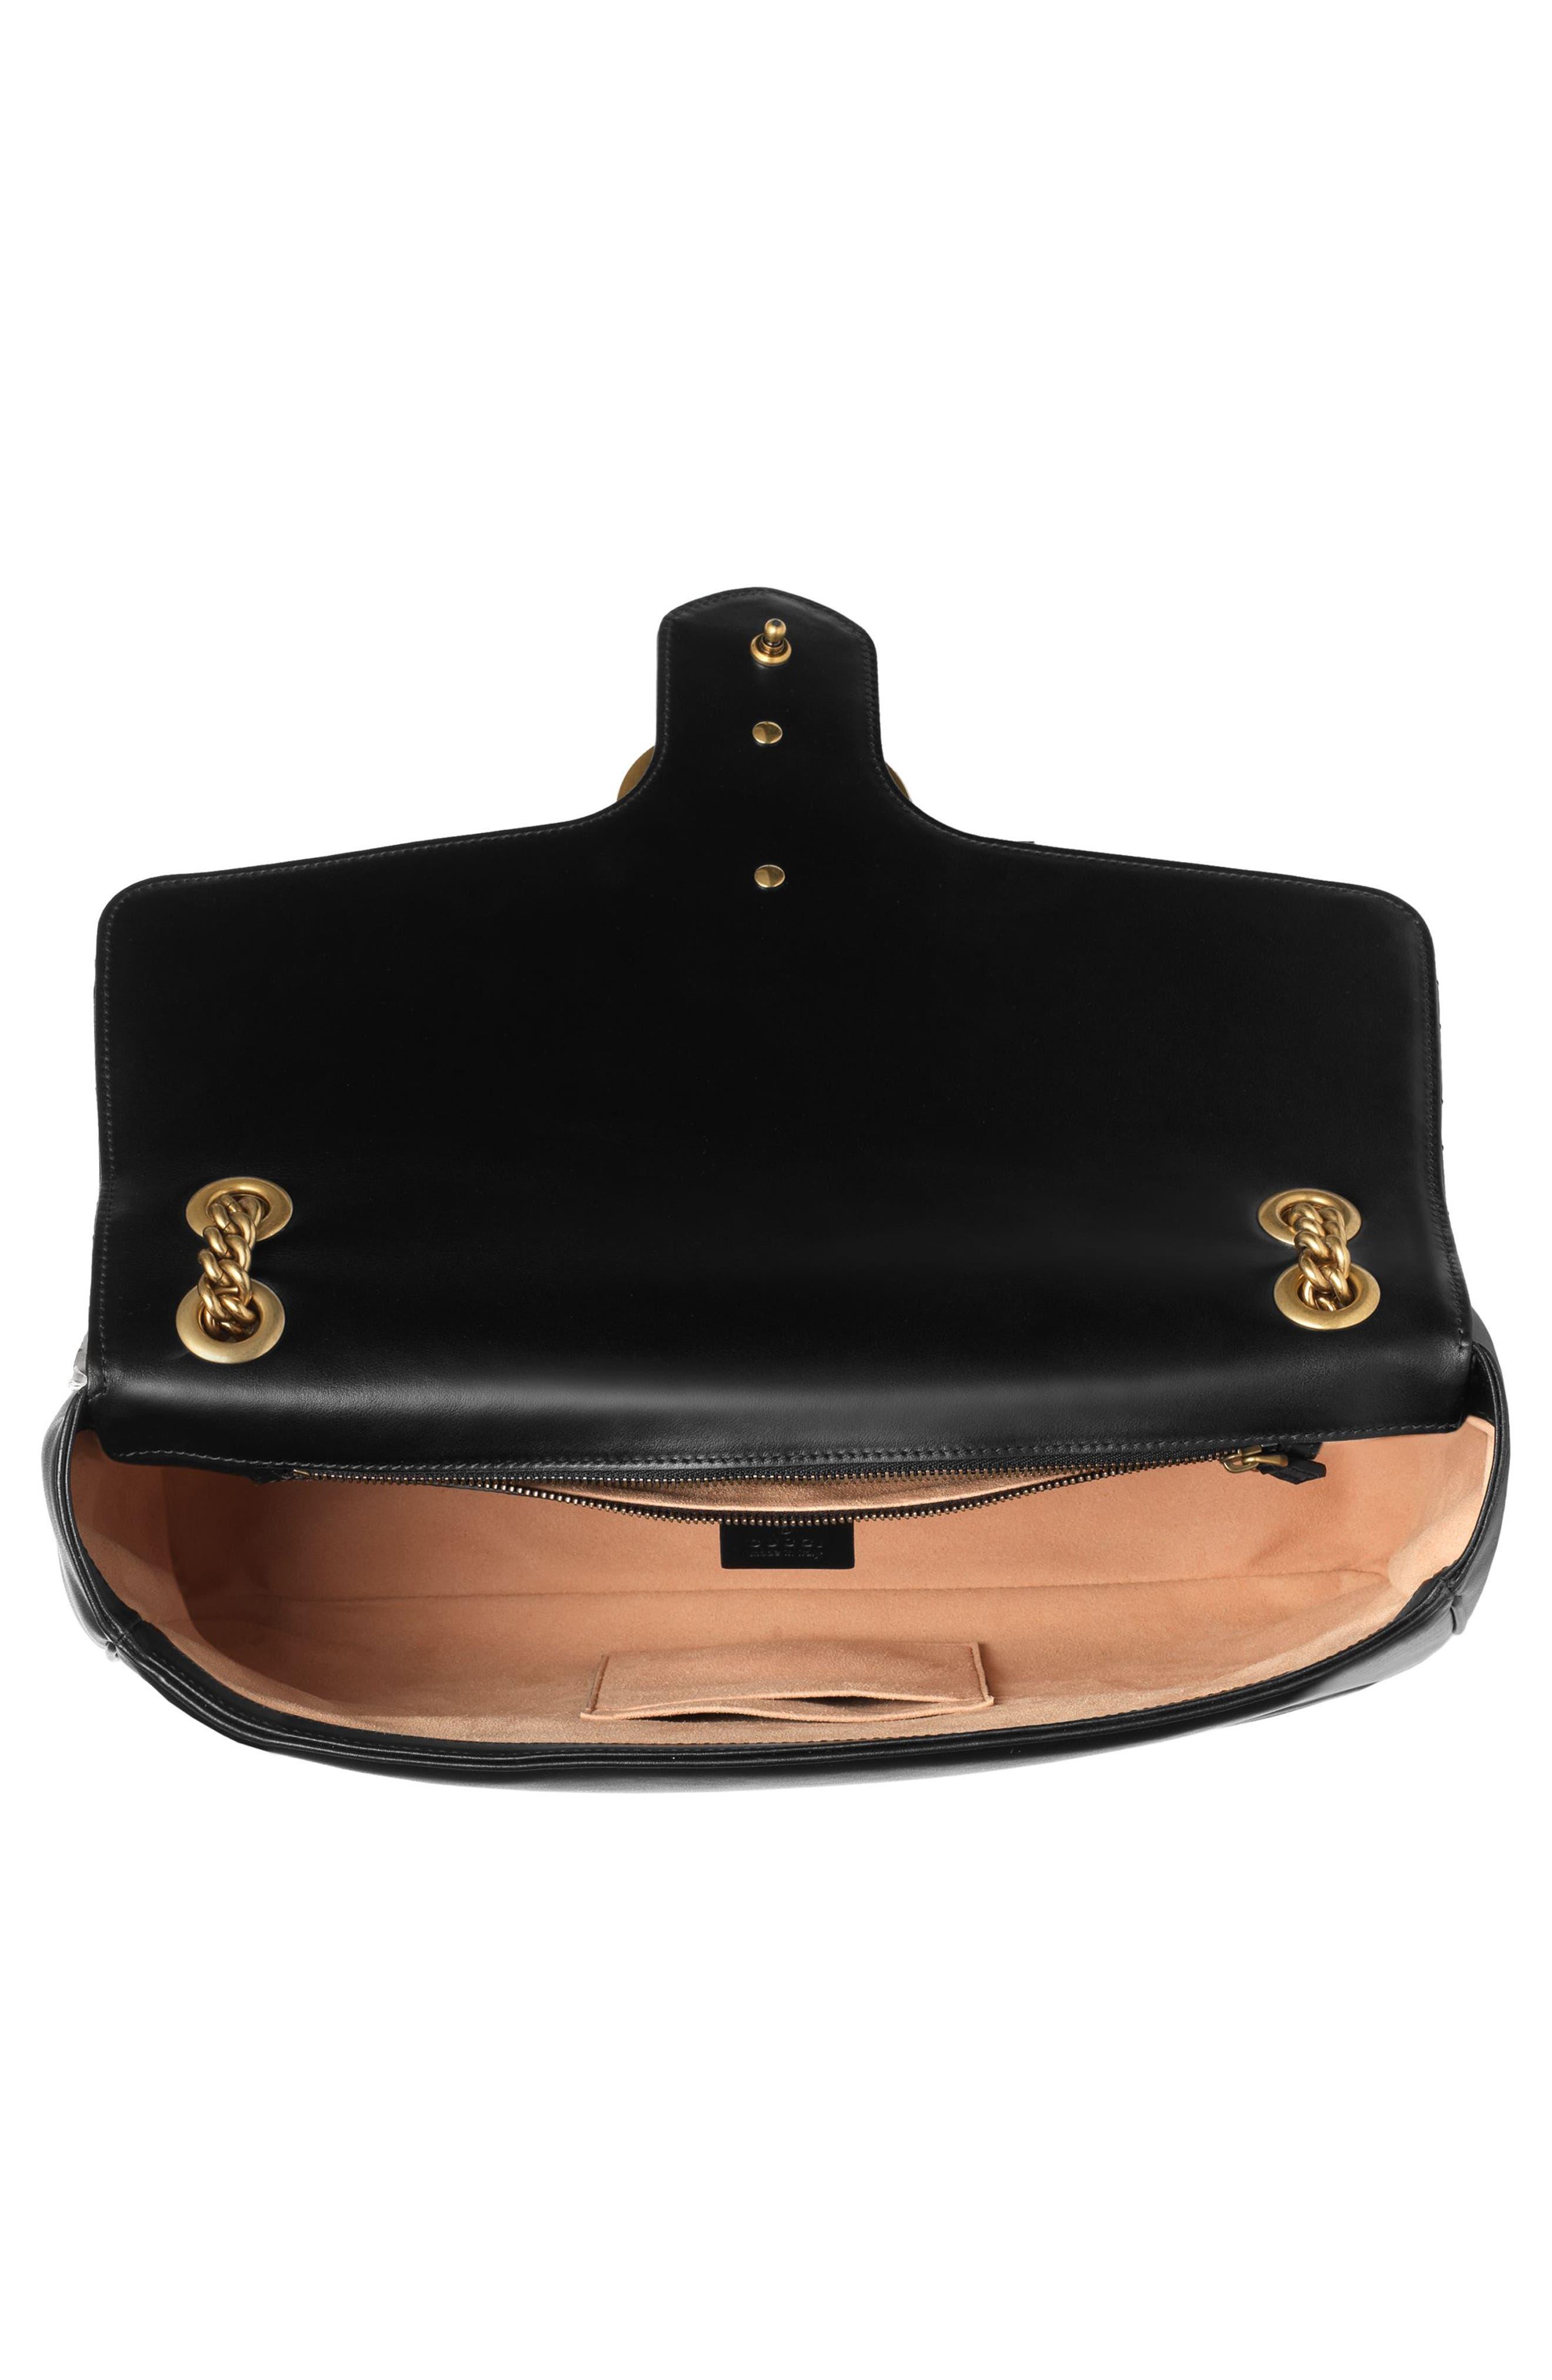 GUCCI, GG Large Marmont 2.0 Matelassé Leather Shoulder Bag, Alternate thumbnail 4, color, NERO